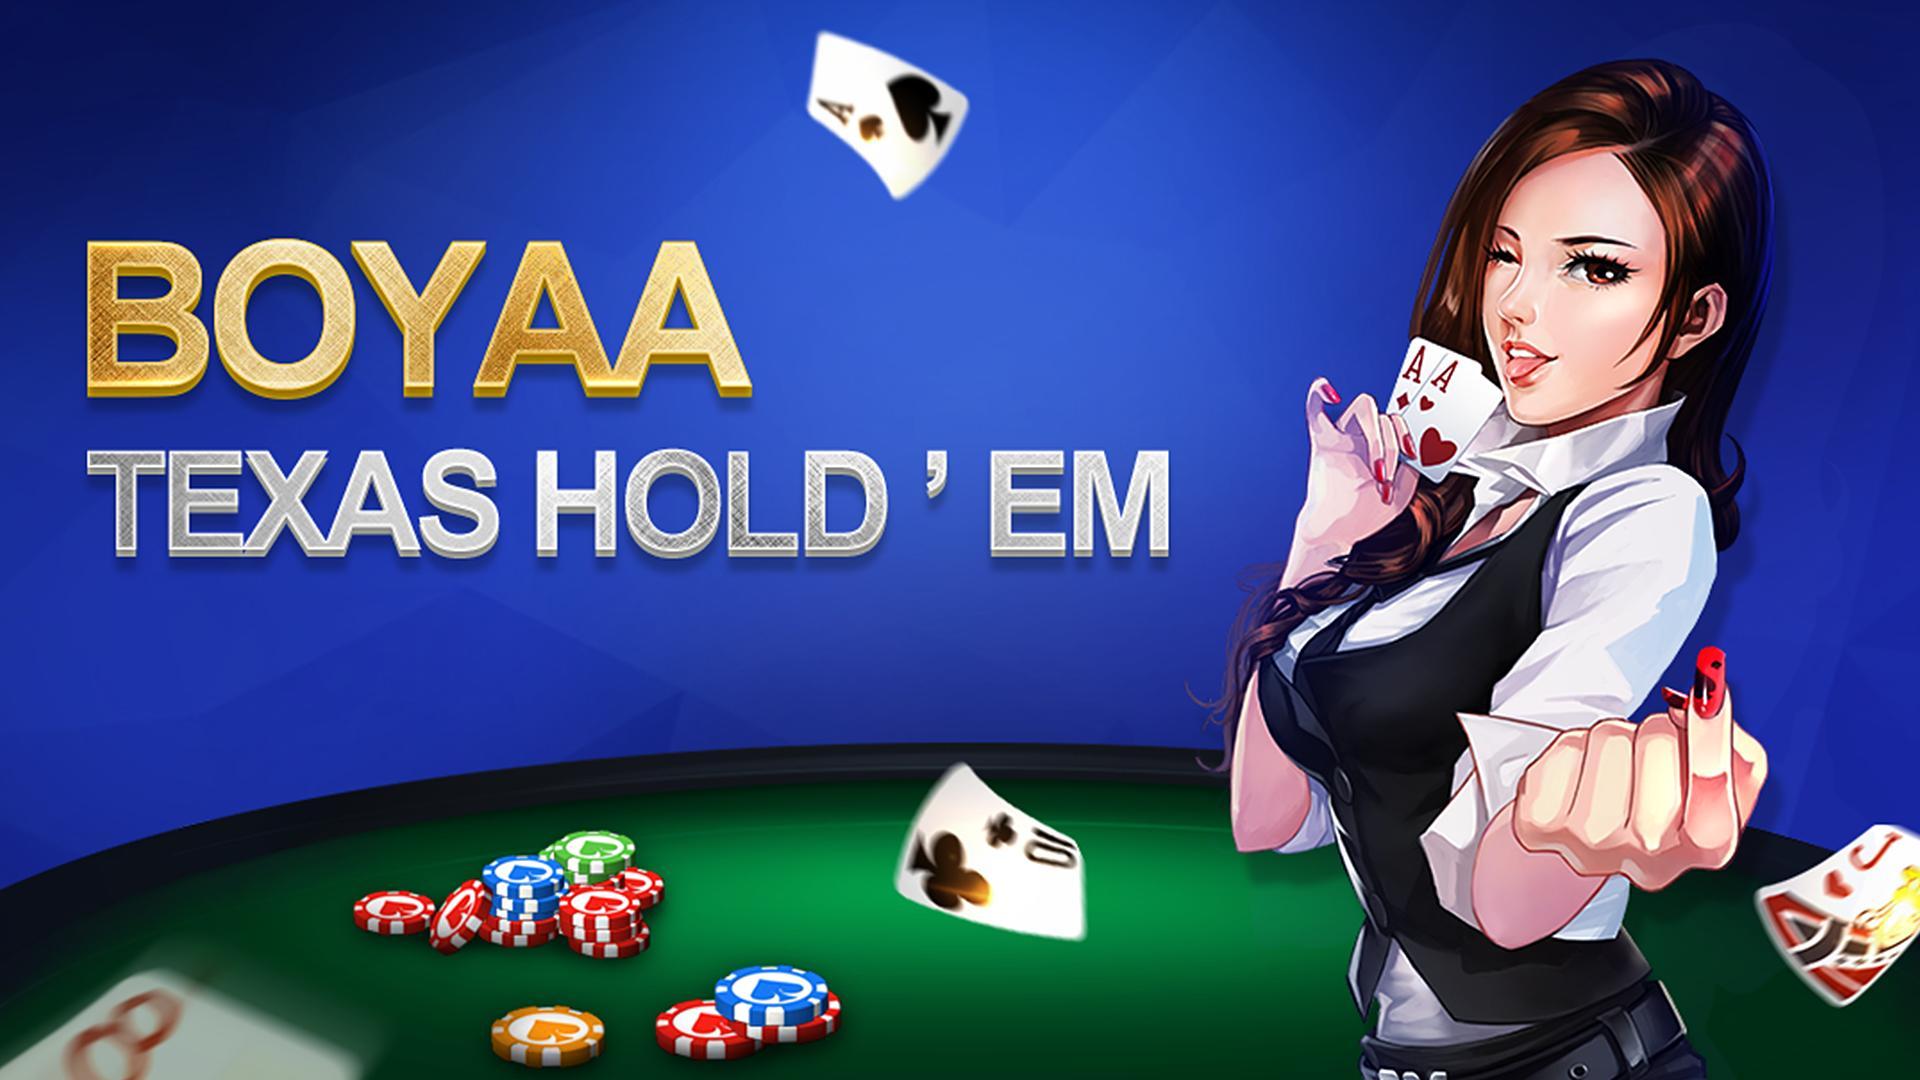 download poker boya